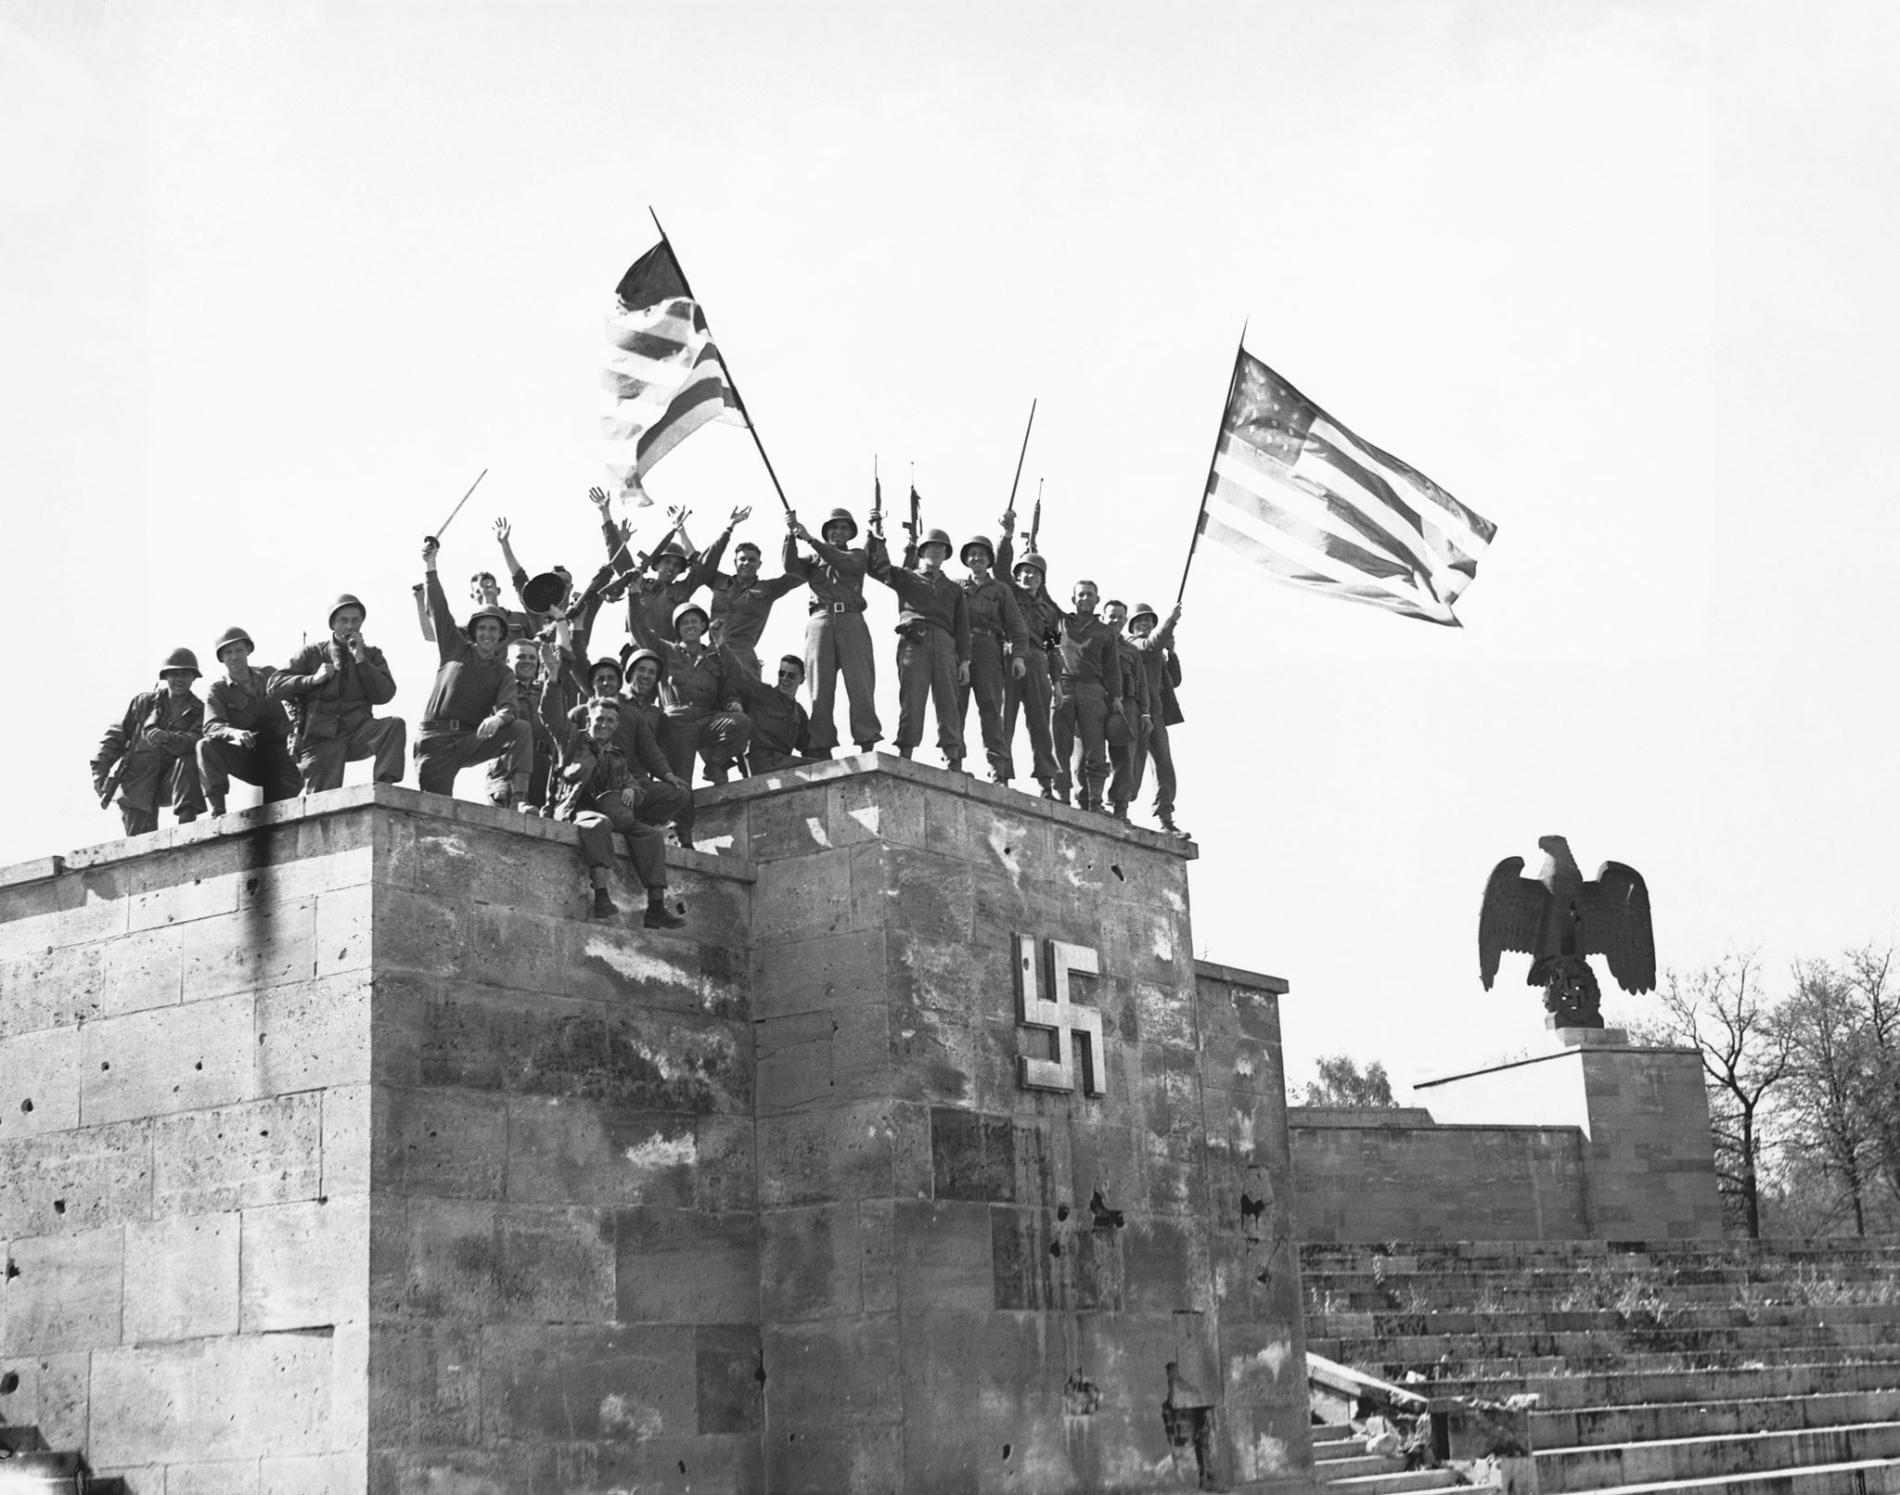 美國軍隊歡慶德國在1945年5月8號第一次有效力的無條件投降。為了避免發生投降不合法的狀況,蘇聯領導人史達林將在隔天籌辦第二次投降。PHOTOGRAPH BY HULTON-DEUTSCH COLLECTION, CORBIS/GETTY